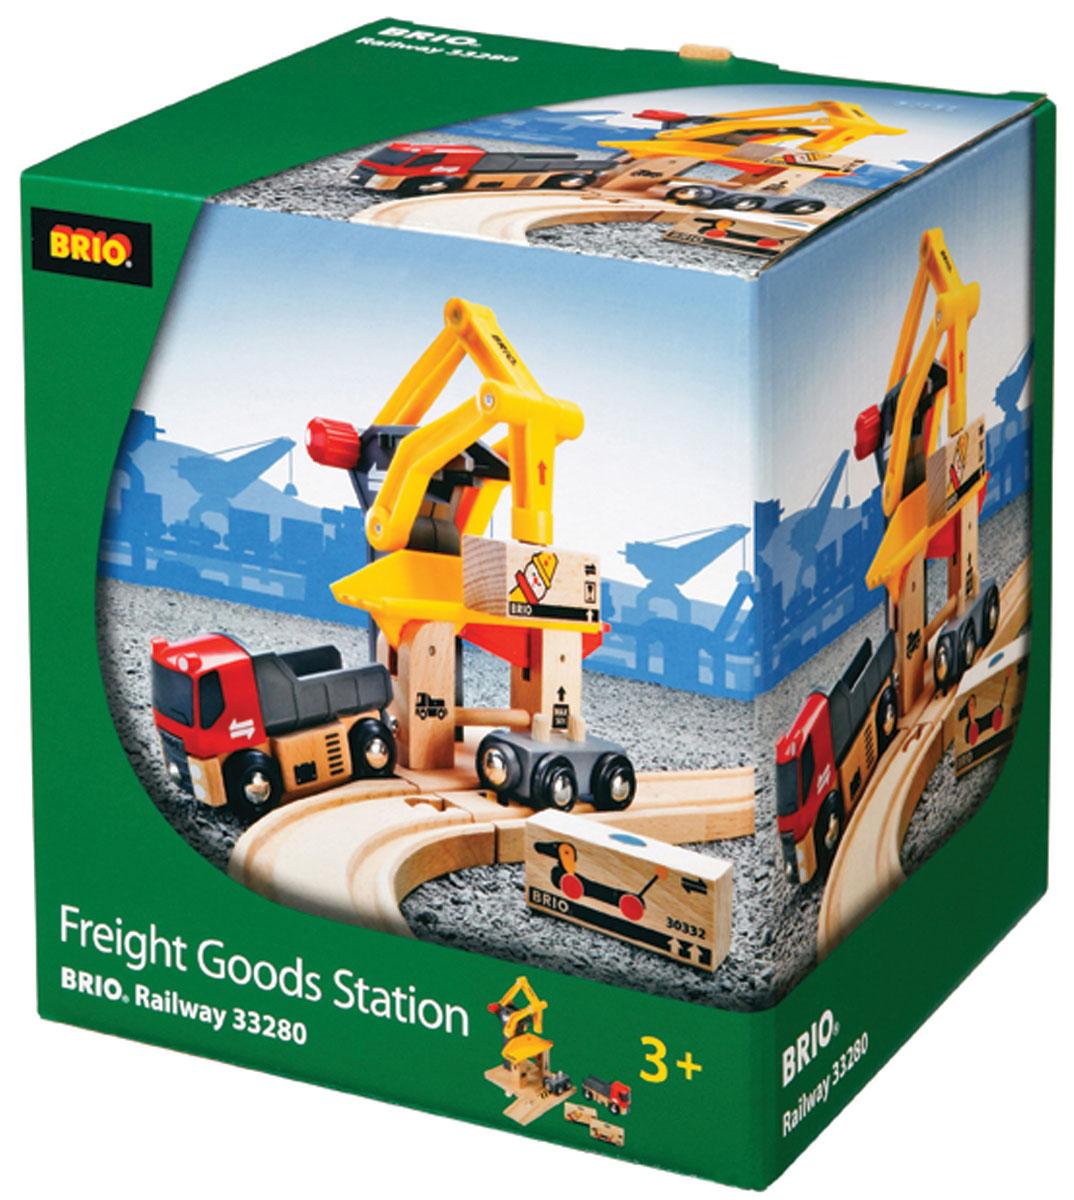 Brio Грузоподъемный пункт33280Вашему ребенку обязательно понравится набор Brio Грузоподъемный пункт. Этот игровой набор позволит построить погрузочный пункт с управляемым погрузчиком, съездом для транспорта, вагоном и грузовиком. В комплект входит погрузочный пункт, машинка, вагон, 2 грузовых контейнера, съезд для транспорта. Железные дороги позволяют ребенку не только получать удовольствие от игры, но и развивать пространственное воображение, мелкую моторику и координацию движений. Набор совместим со всеми железными дорогами и паровозиками Brio.